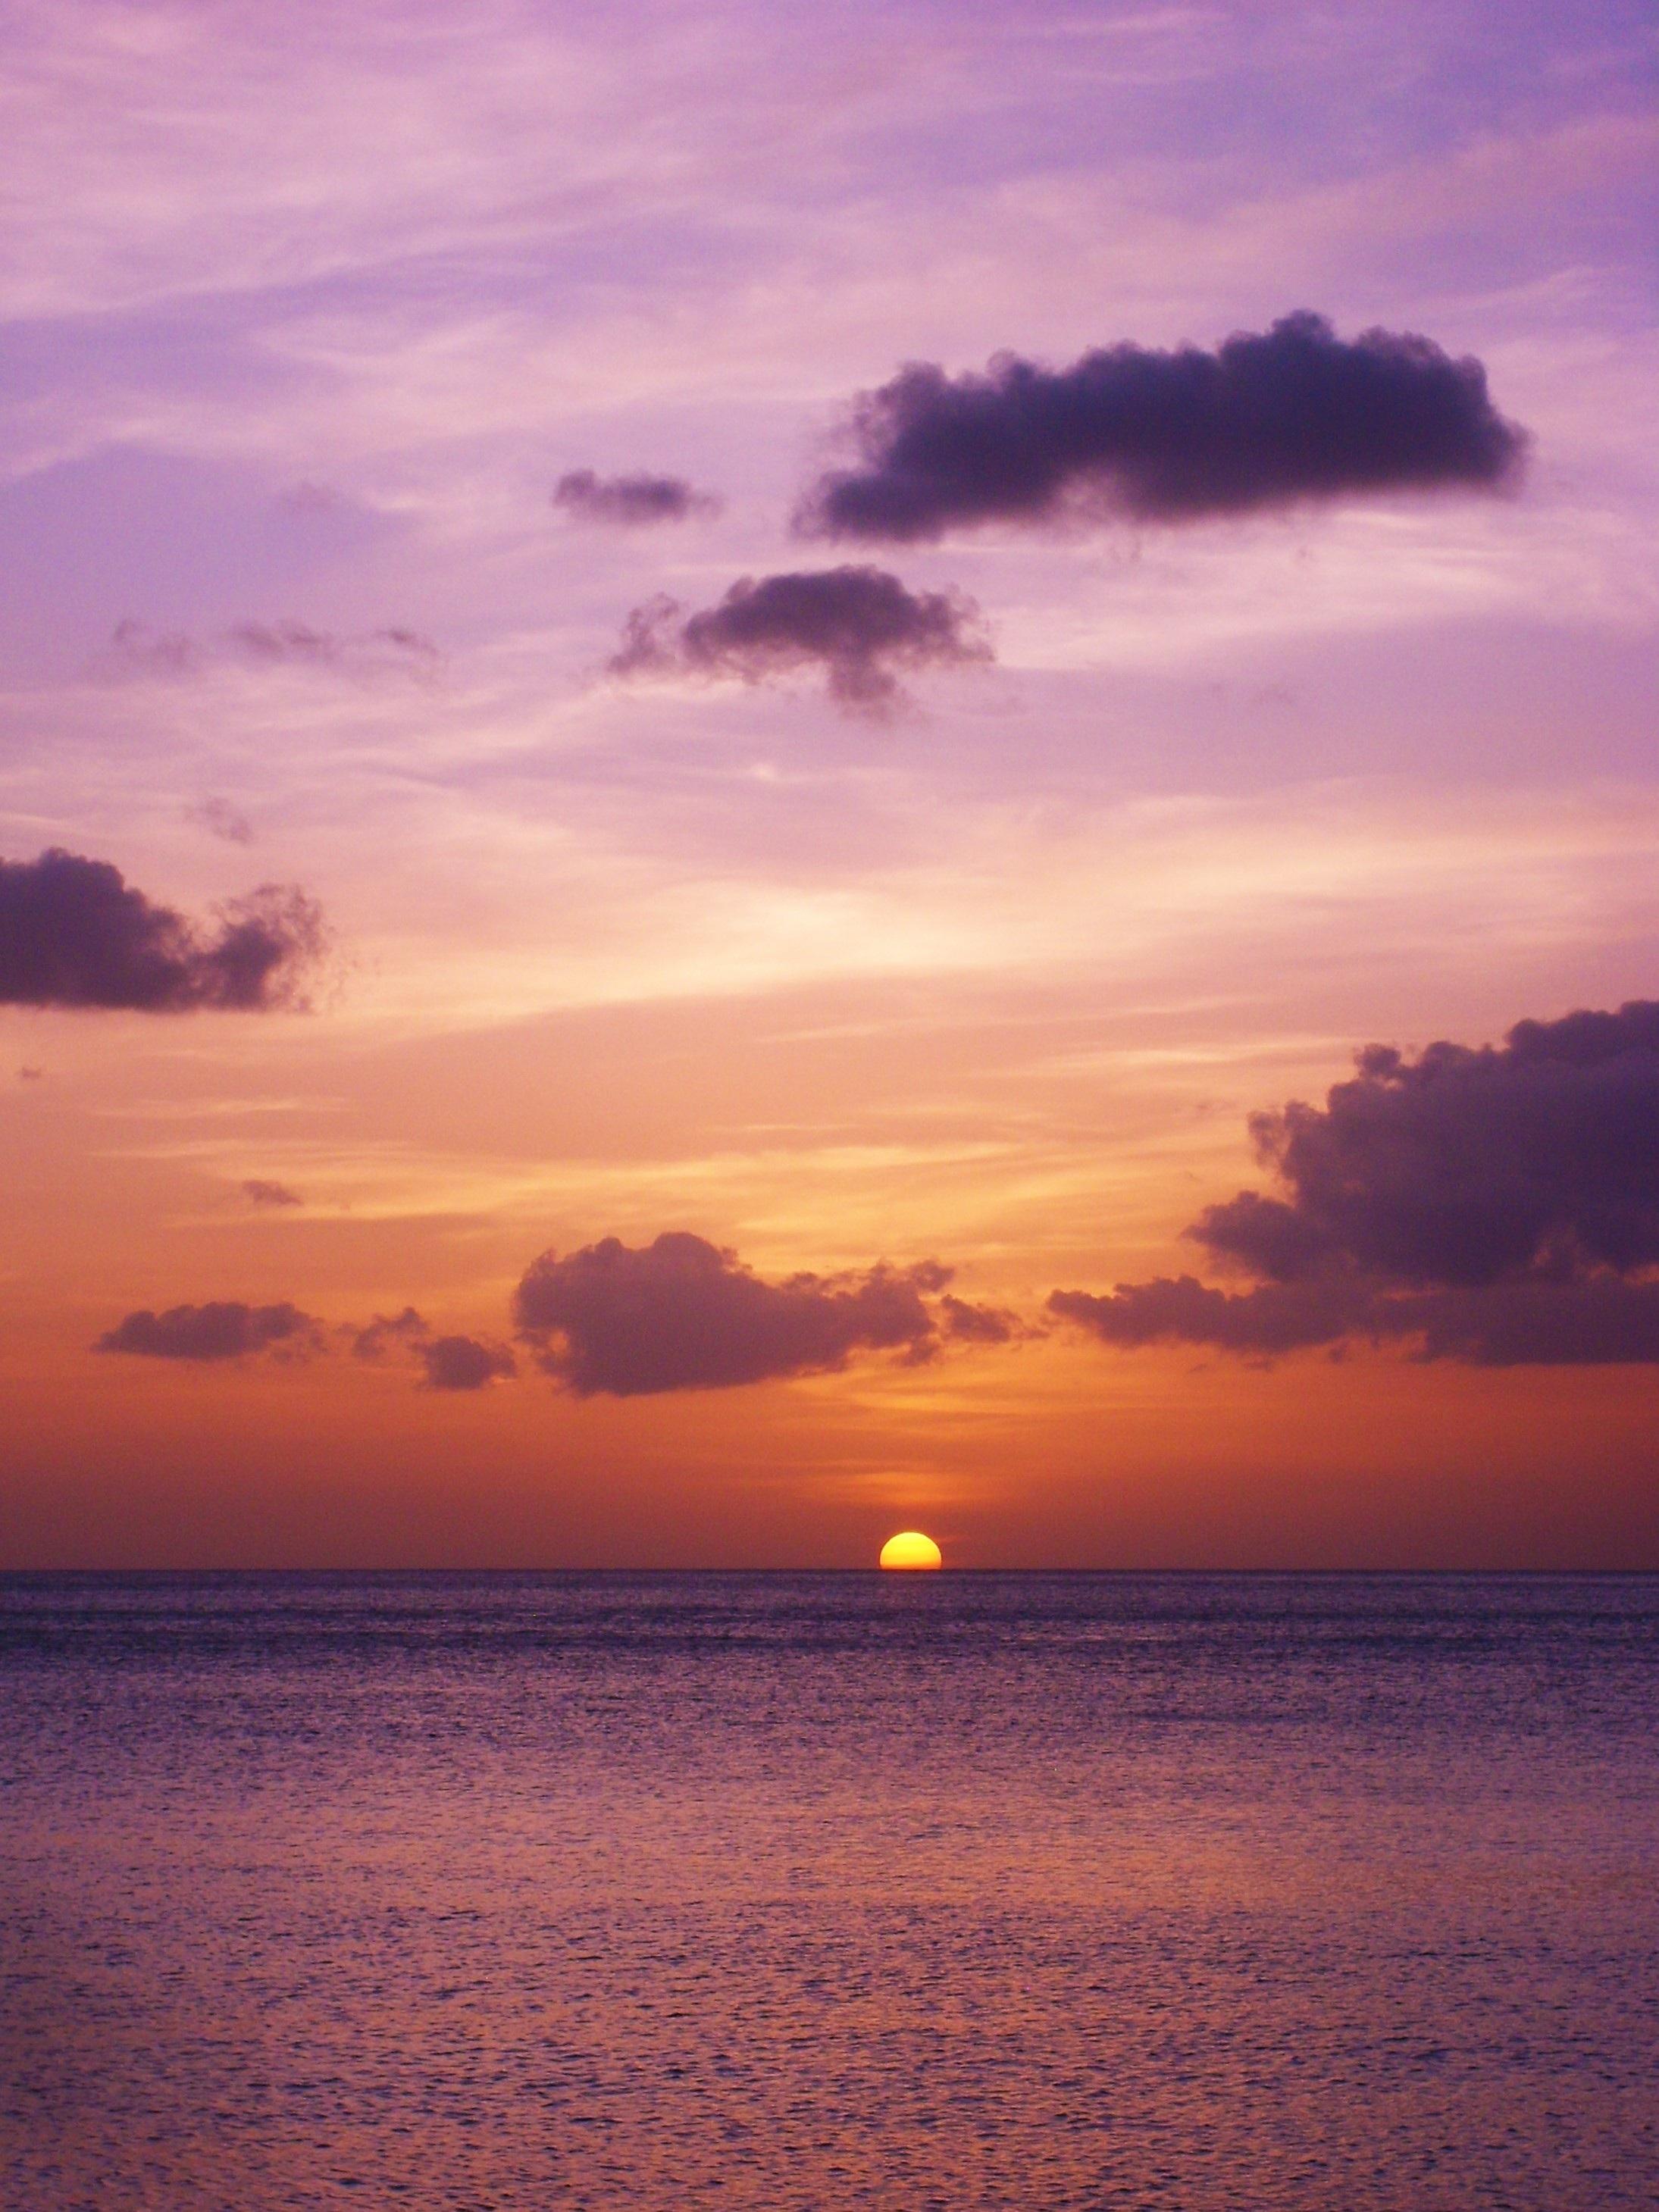 Gambar Pantai Pemandangan Lautan Horison Awan Matahari Terbit